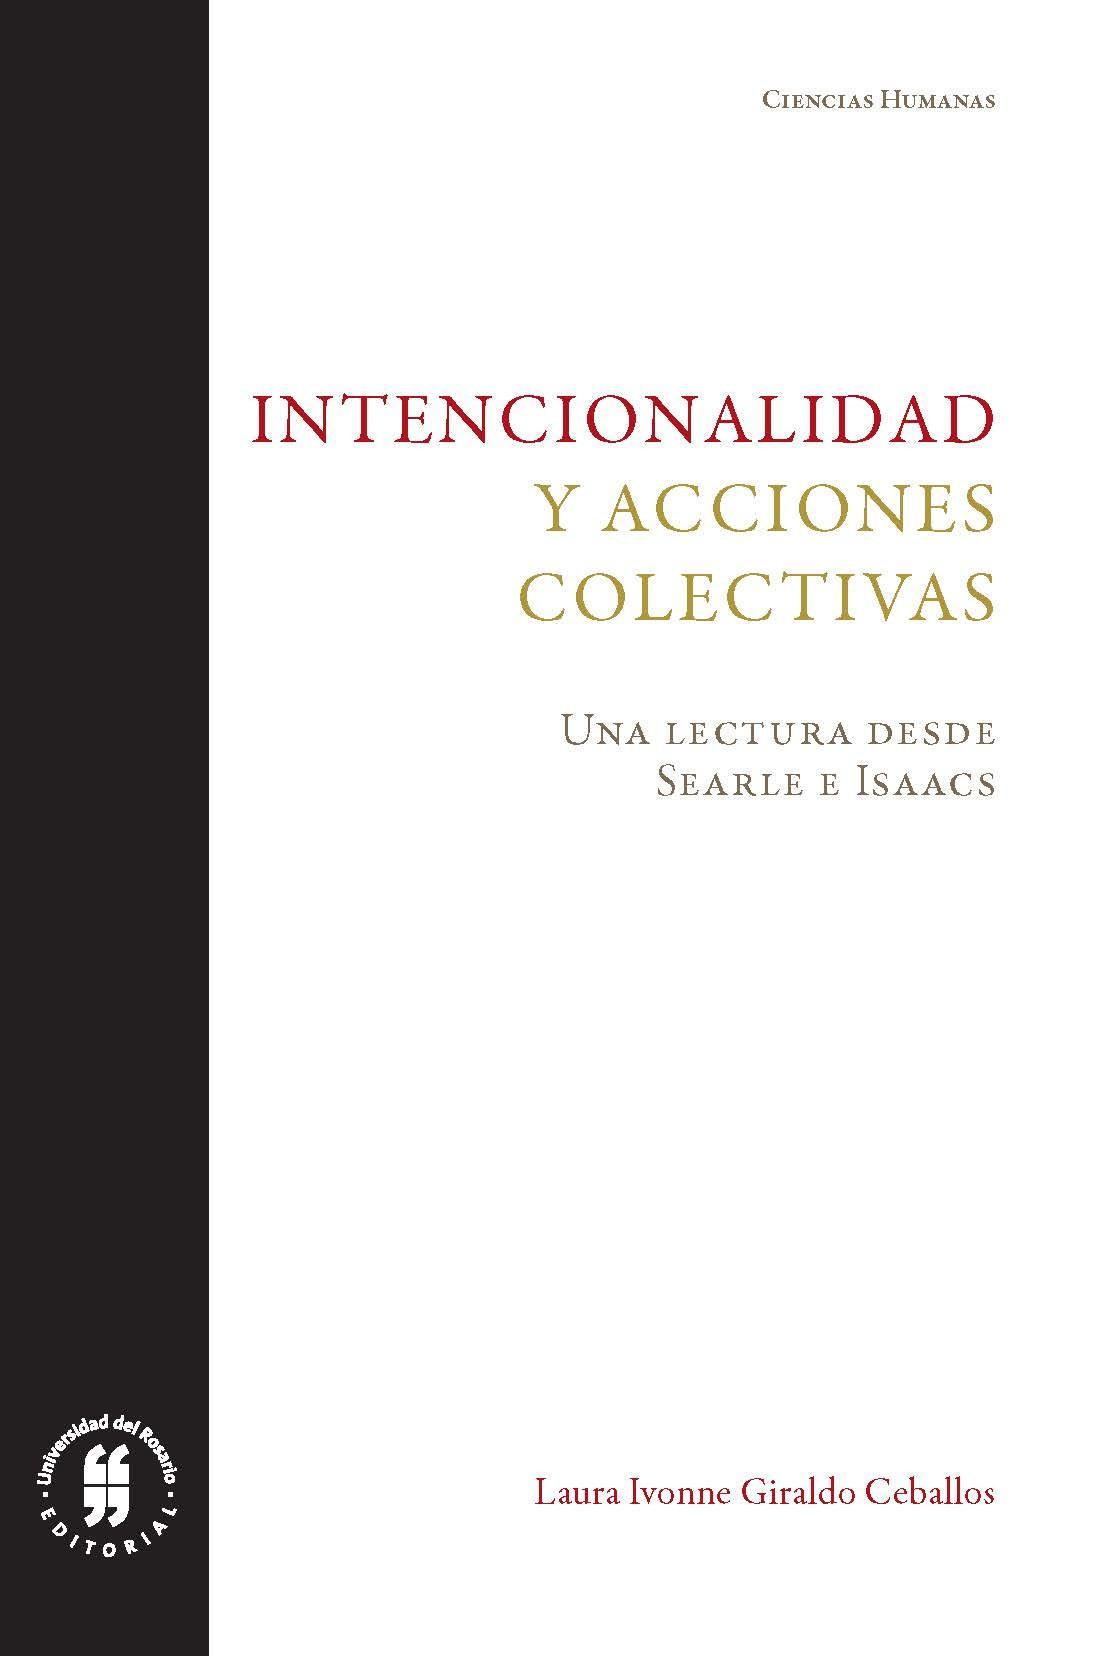 Intencionalidad y acciones colectivas. Una lectura desde Searle e Isaacs